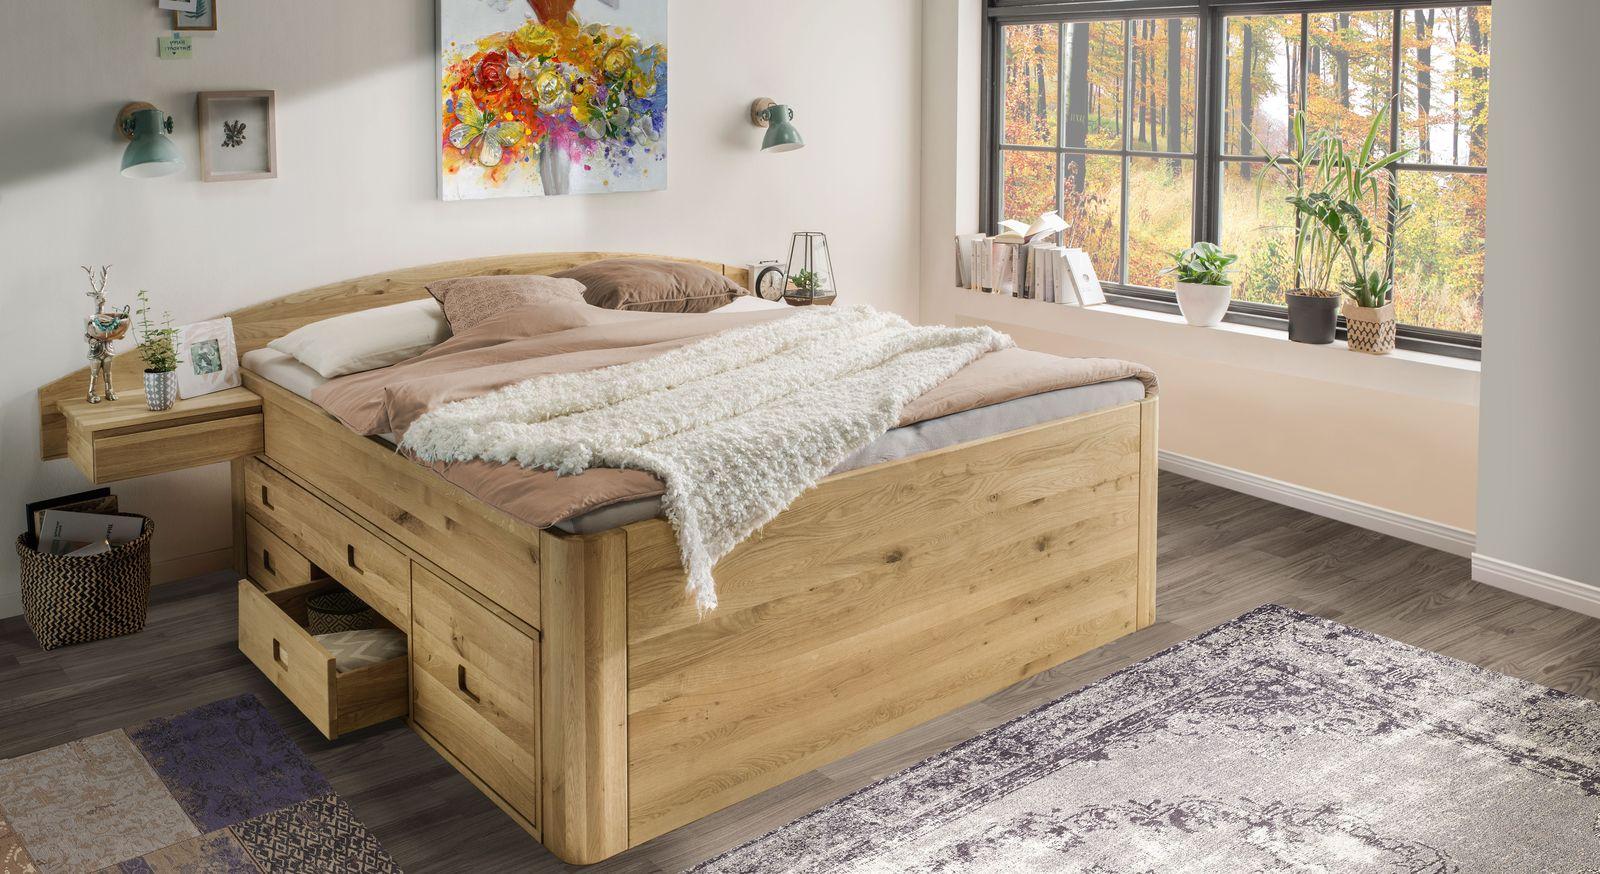 Schubkasten-Bett Pram mit passenden Produkten